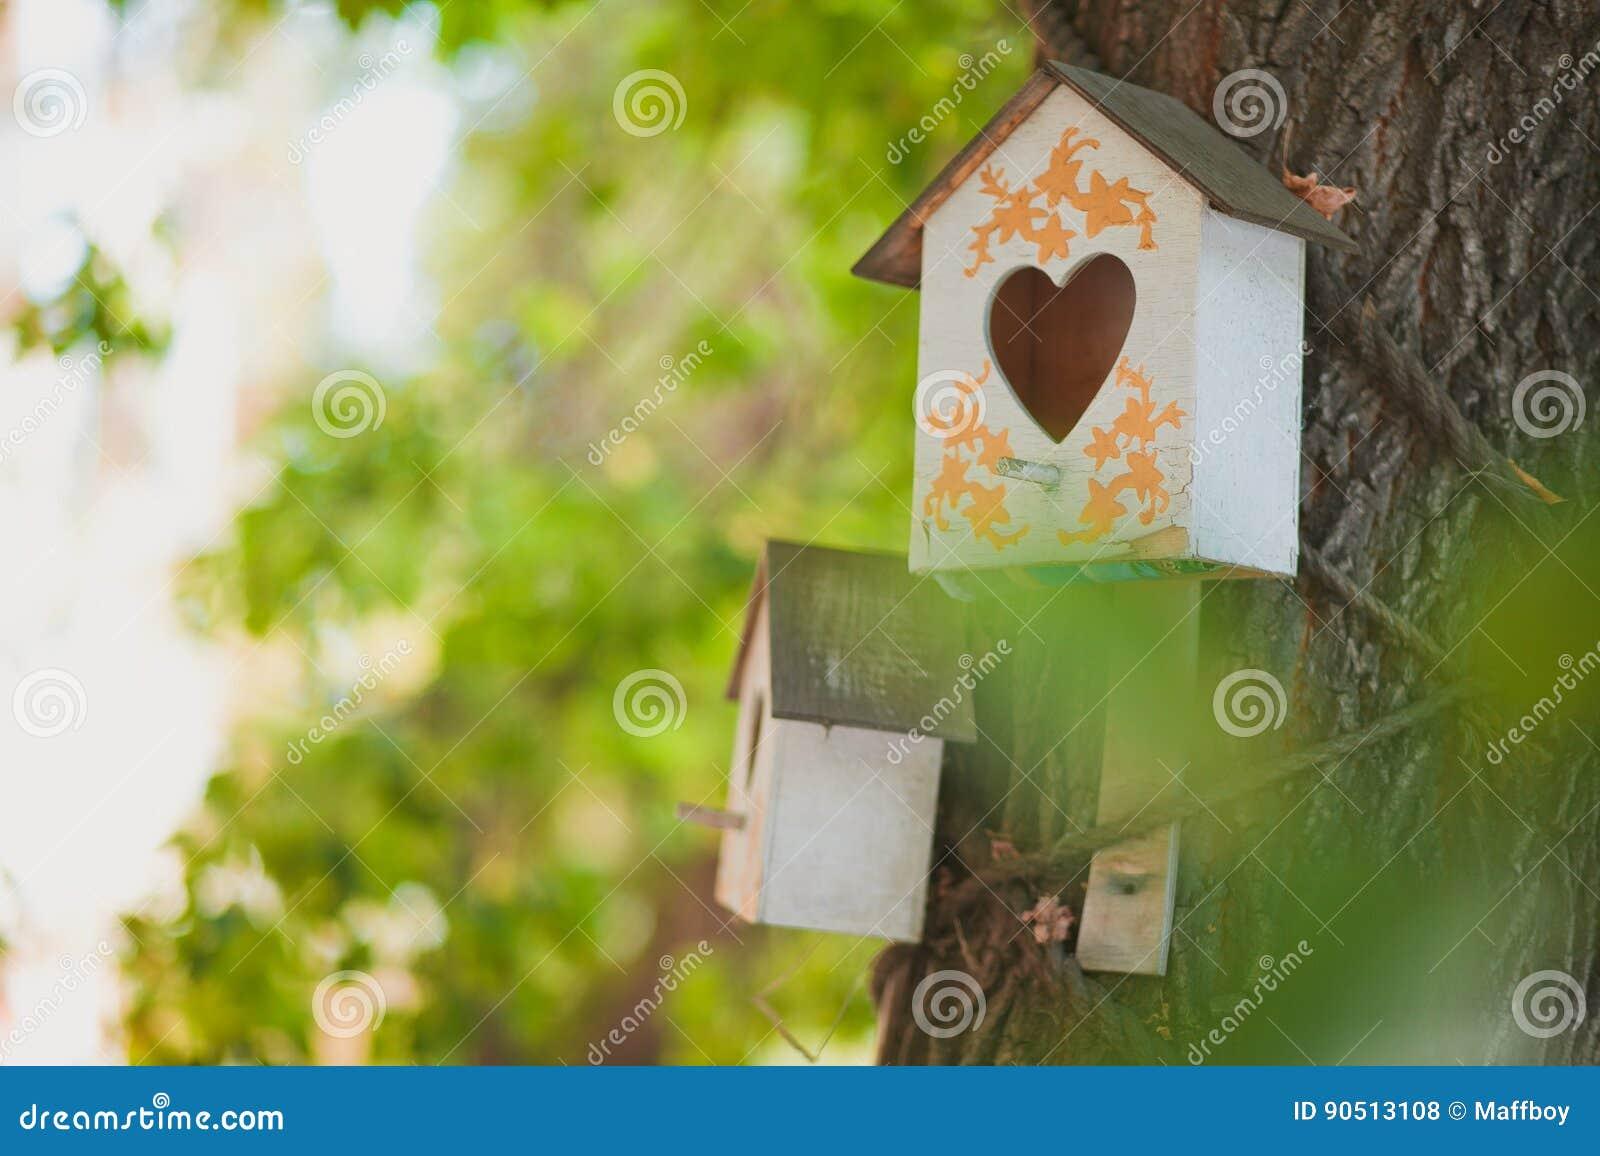 Birdhouse house for birds